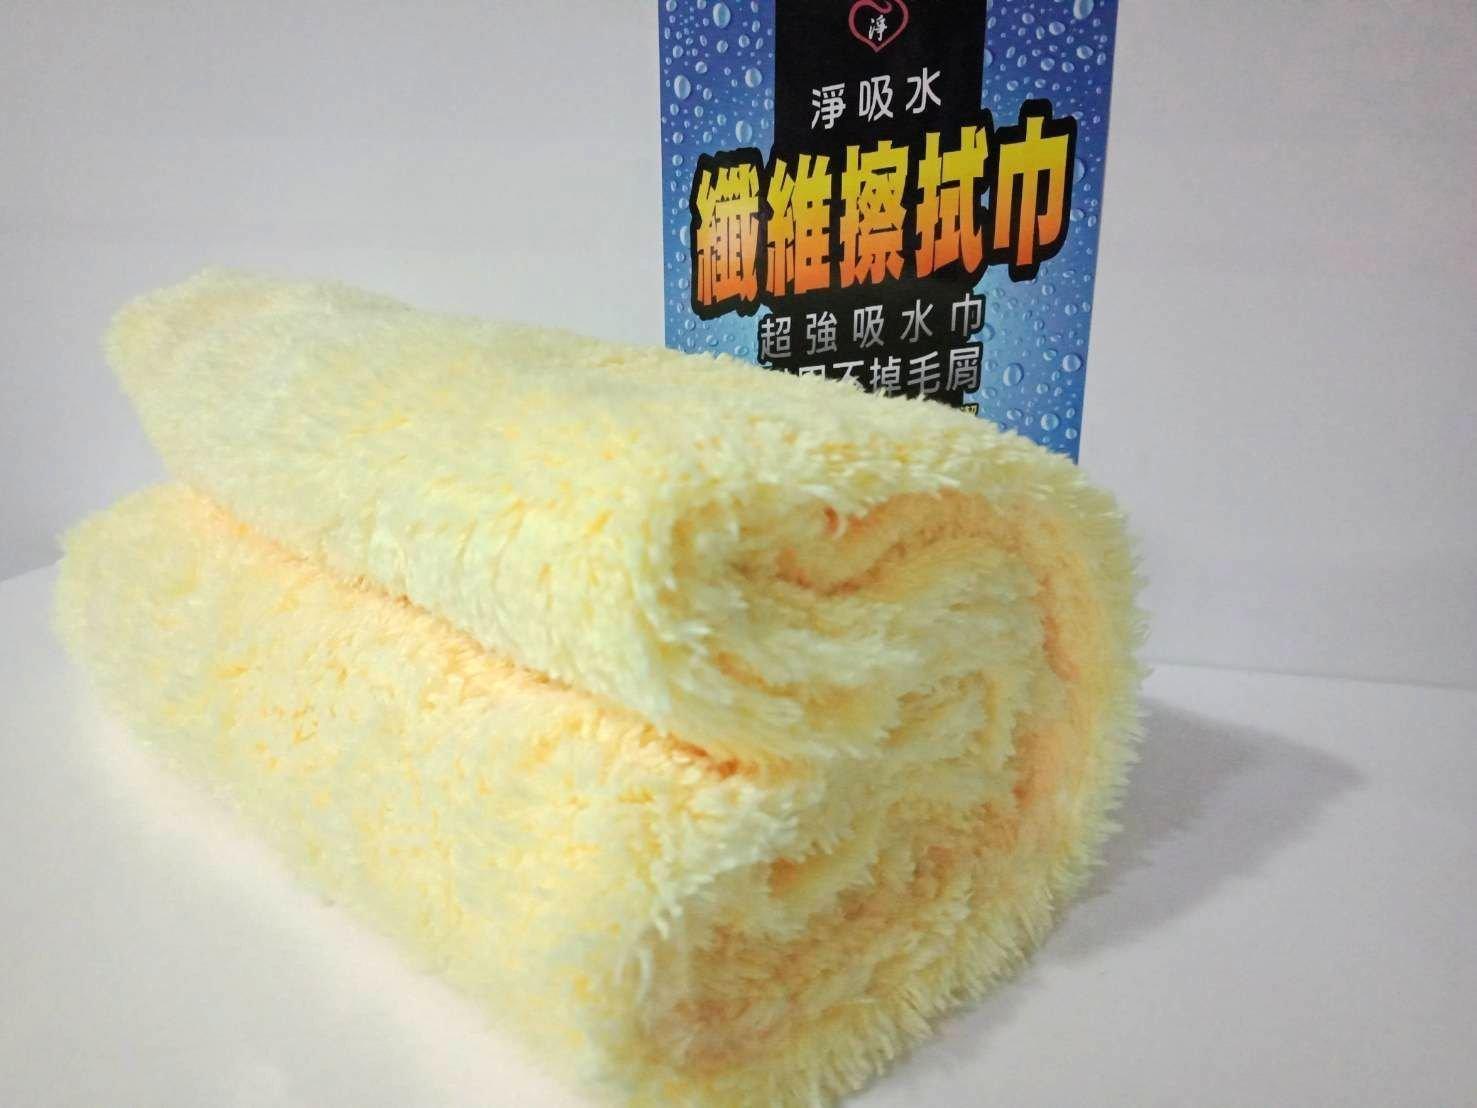 亮晶晶小舖- 淨吸水纖維擦拭巾 吸水力超強 40*40CM 吸水毛巾 擦車布 洗車布 纖維布 玻璃擦拭布 家庭用毛巾